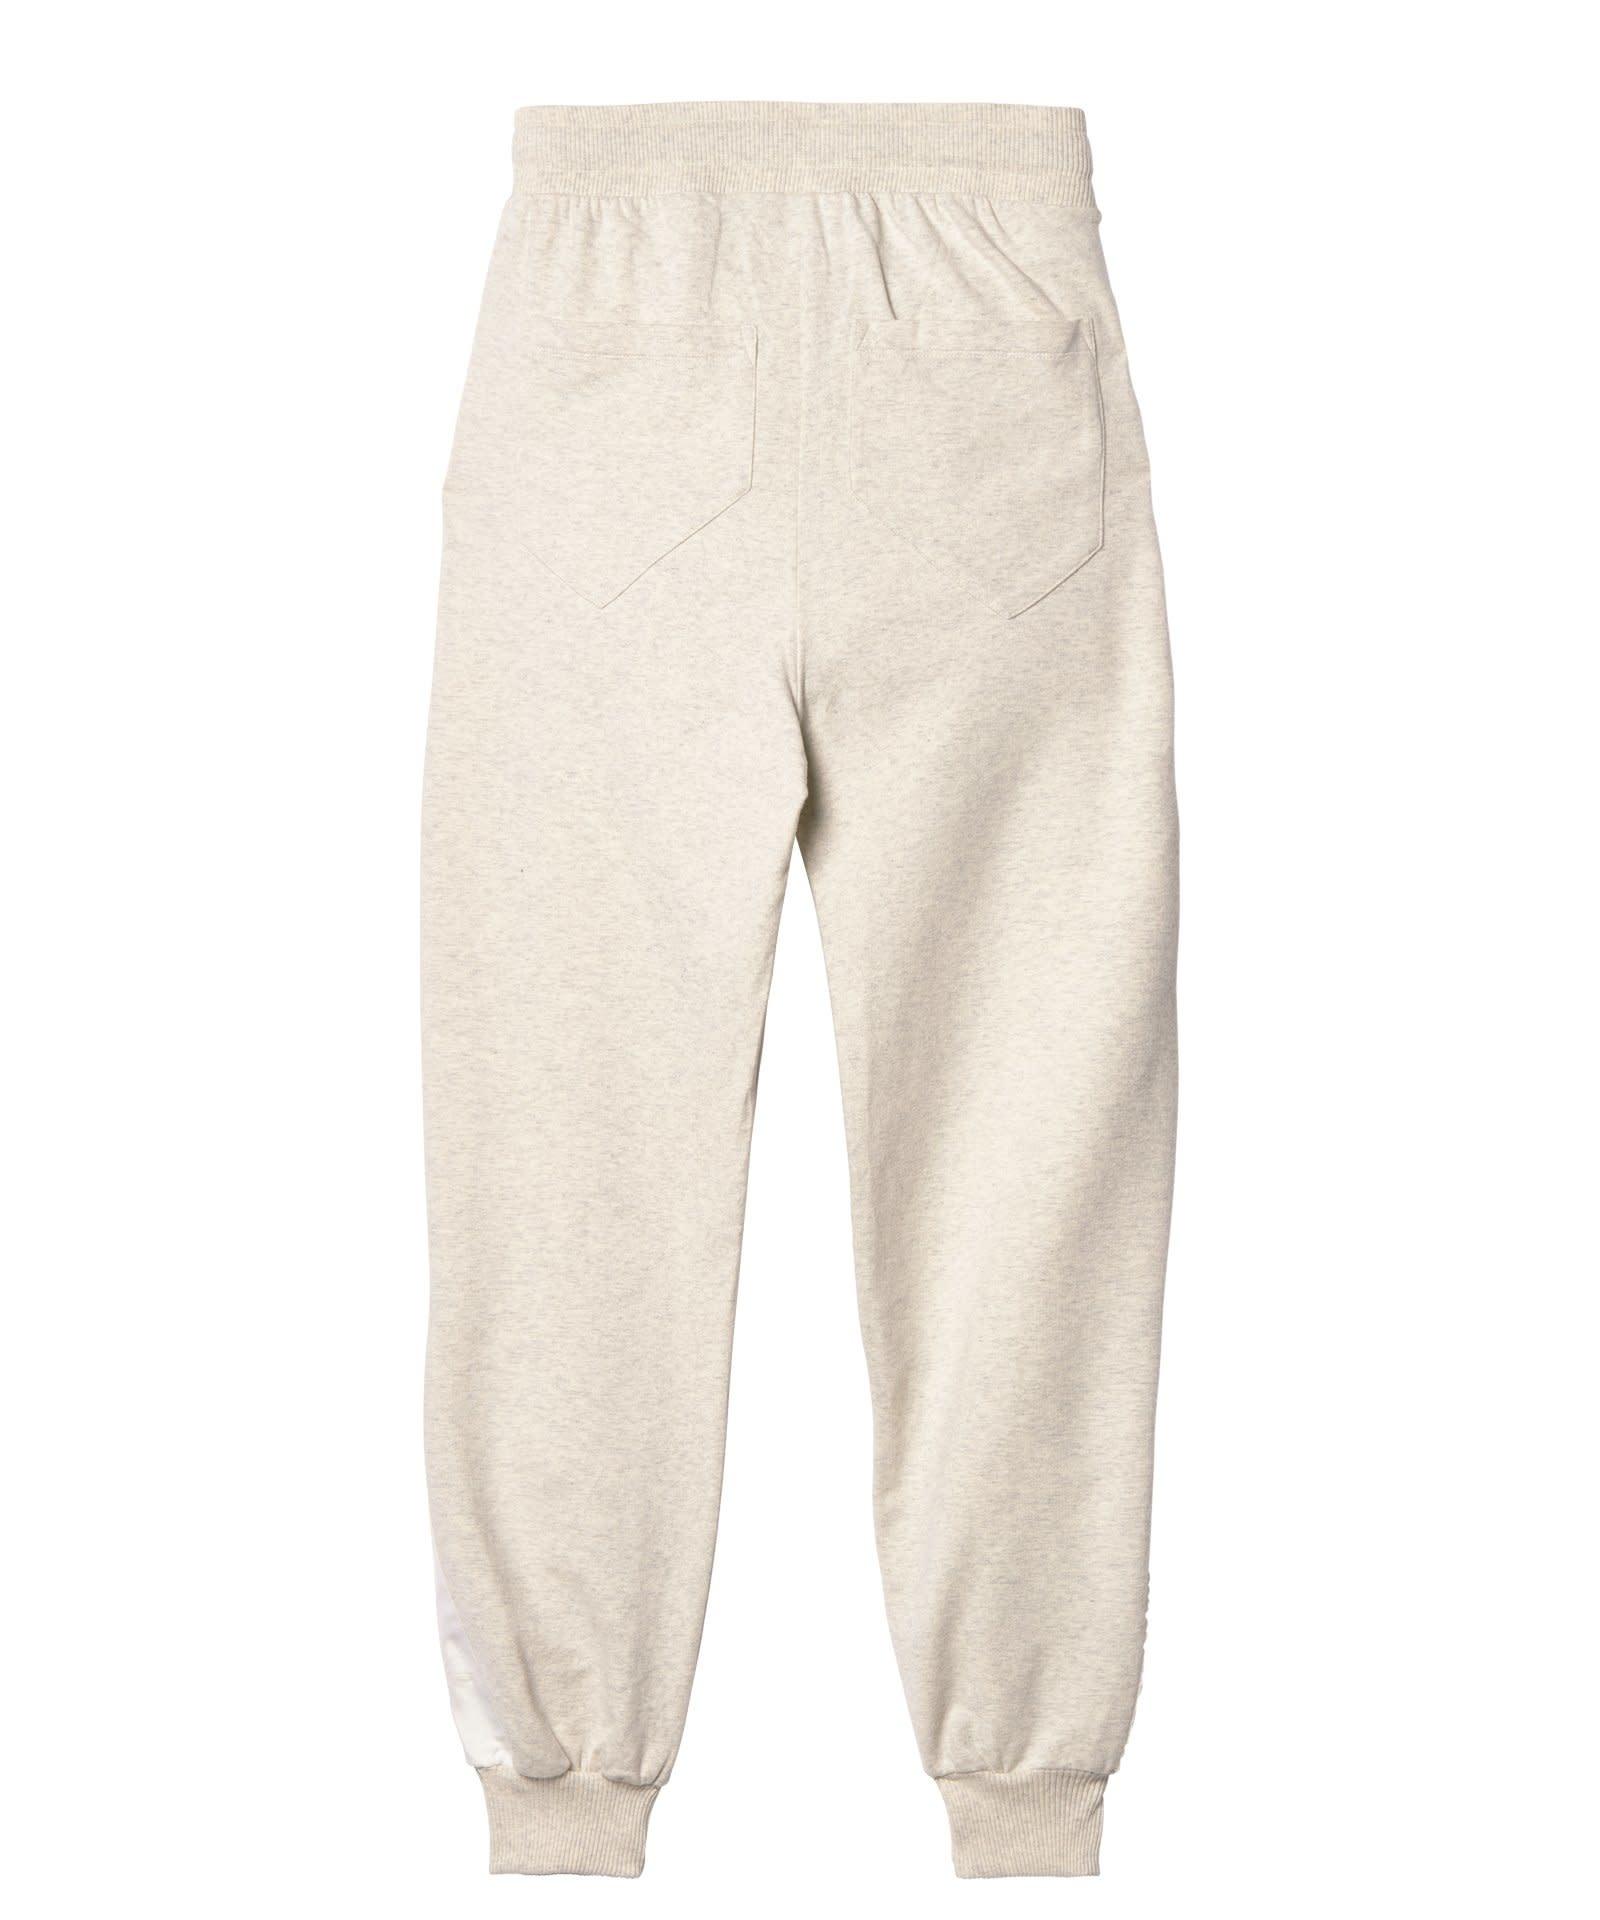 Broek jogger soft white melee-4